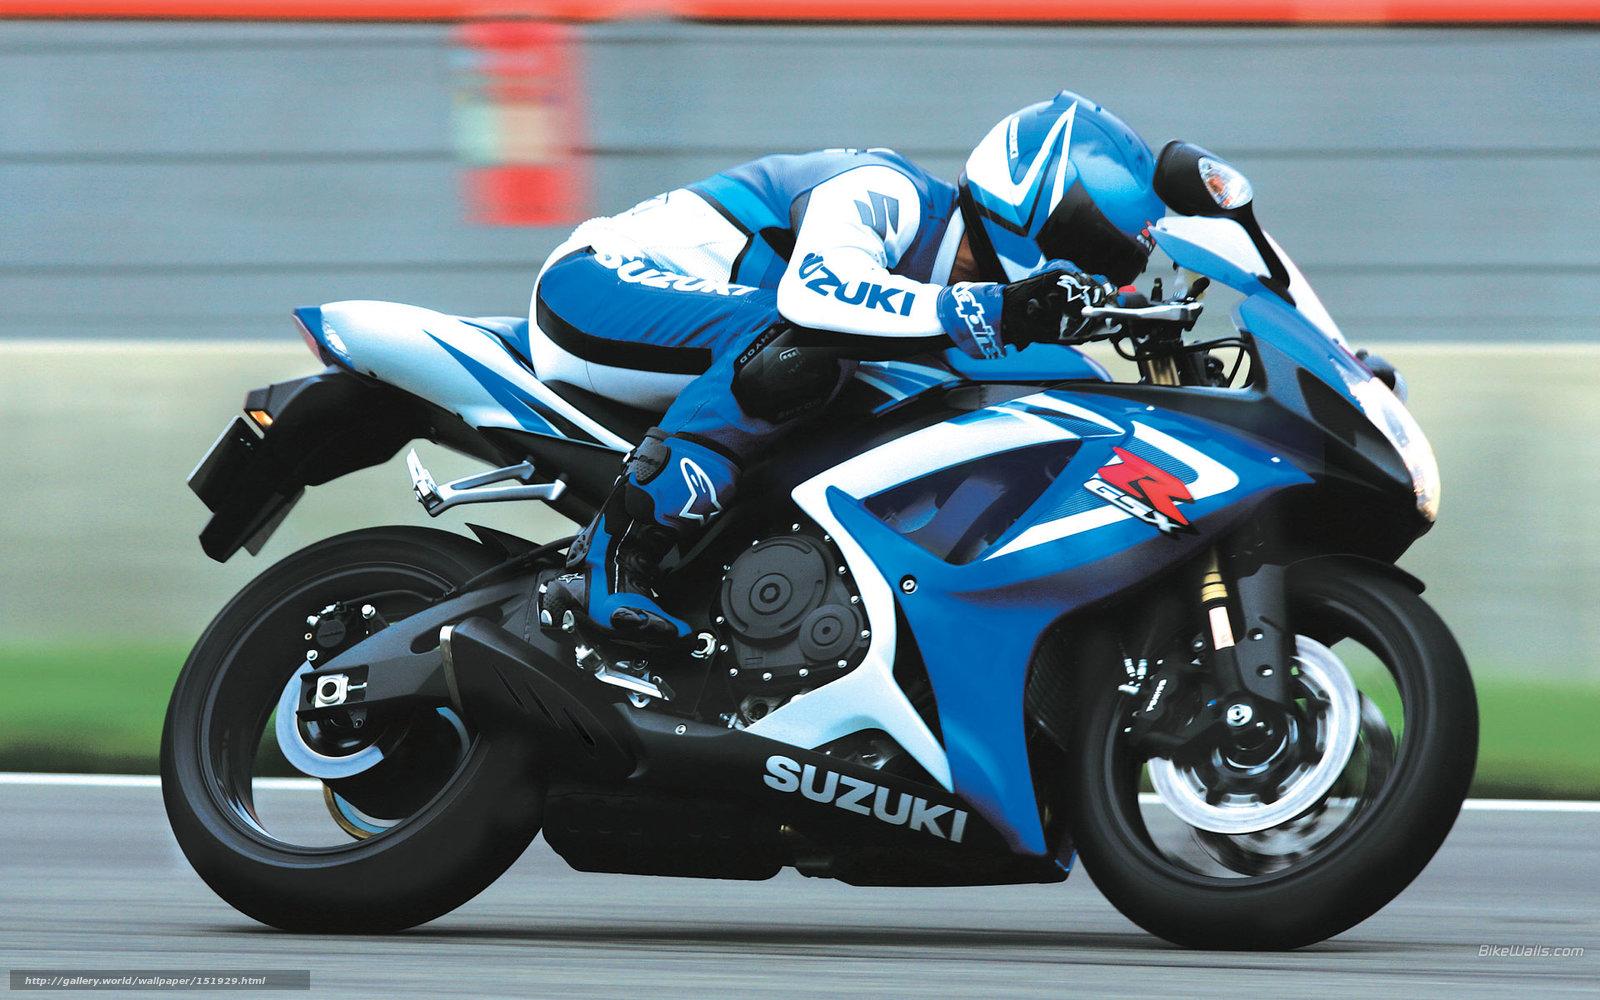 suzuki supersport gsx r750 - photo #10